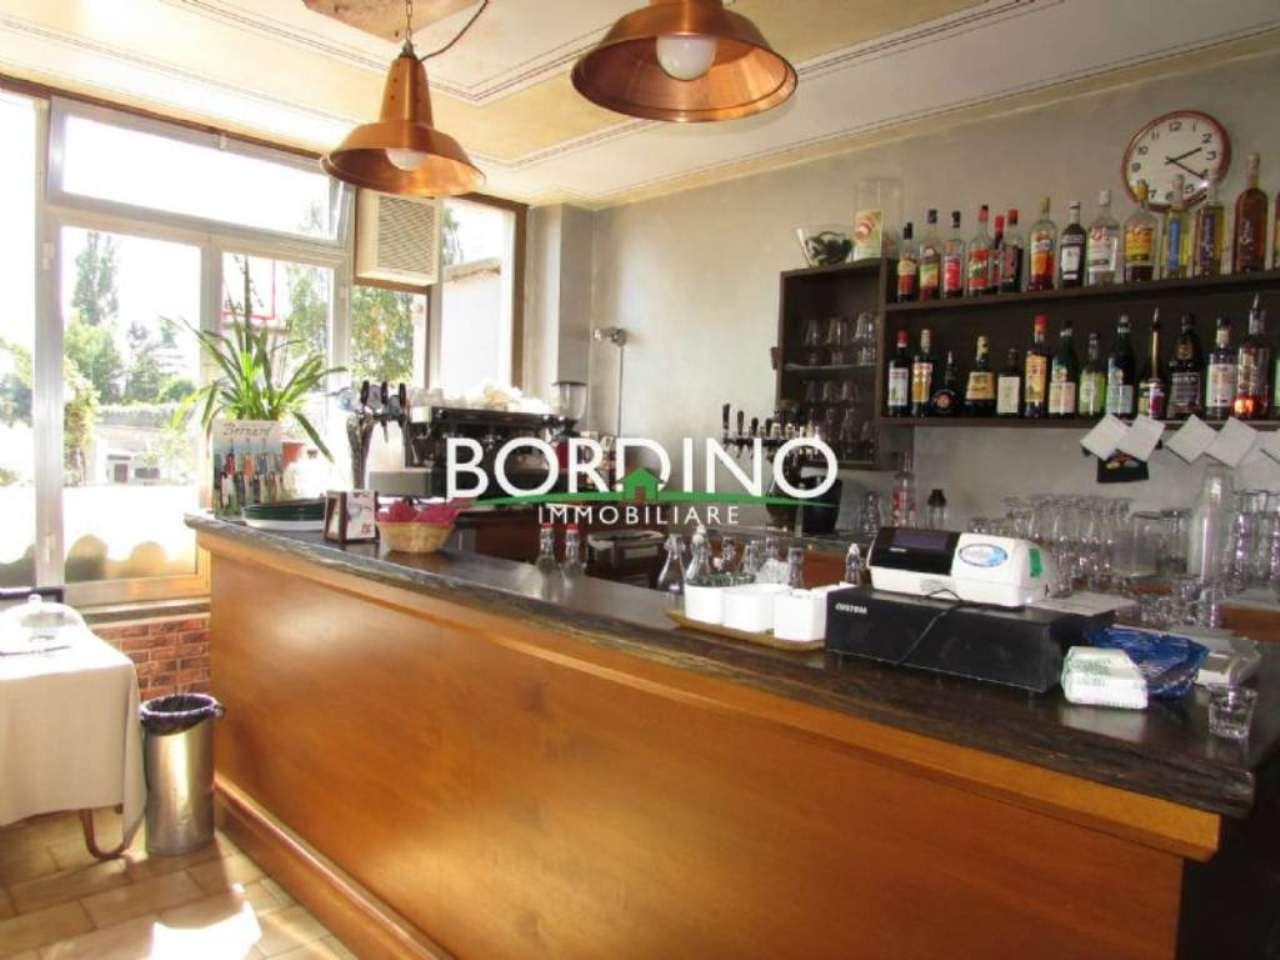 Ristorante / Pizzeria / Trattoria in vendita a Dusino San Michele, 6 locali, prezzo € 180.000 | Cambio Casa.it